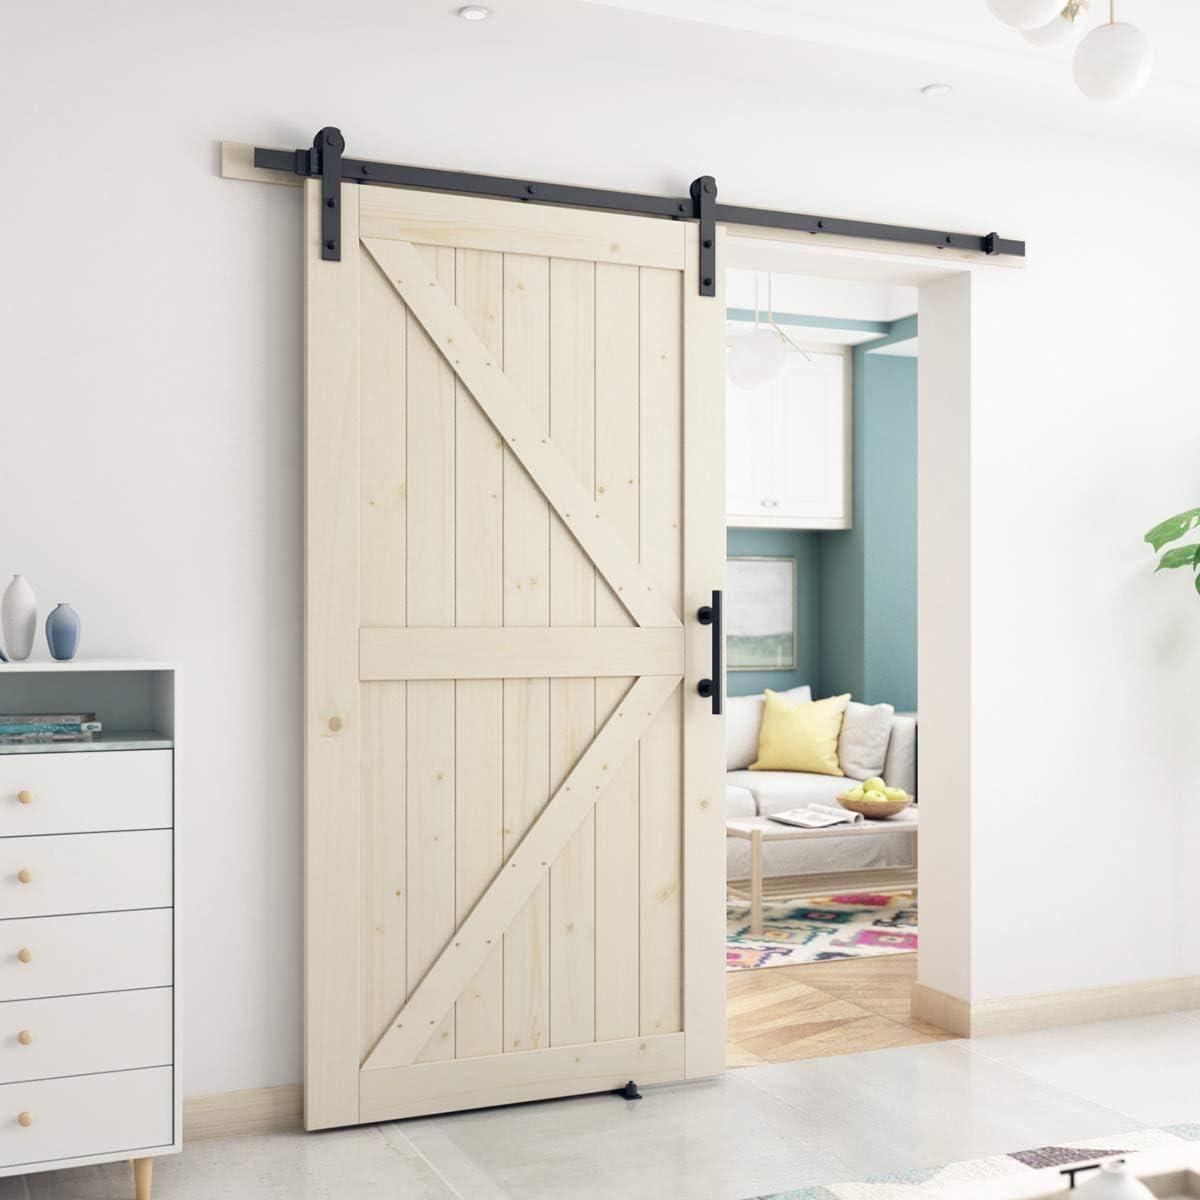 SmartStandard - Puerta corrediza de madera de granero de 42 x 84 pulgadas, pre-perforada, lista para montar, bricolaje, sin acabado, con paneles de madera de ciprés, solo puerta interior, natural, marco en